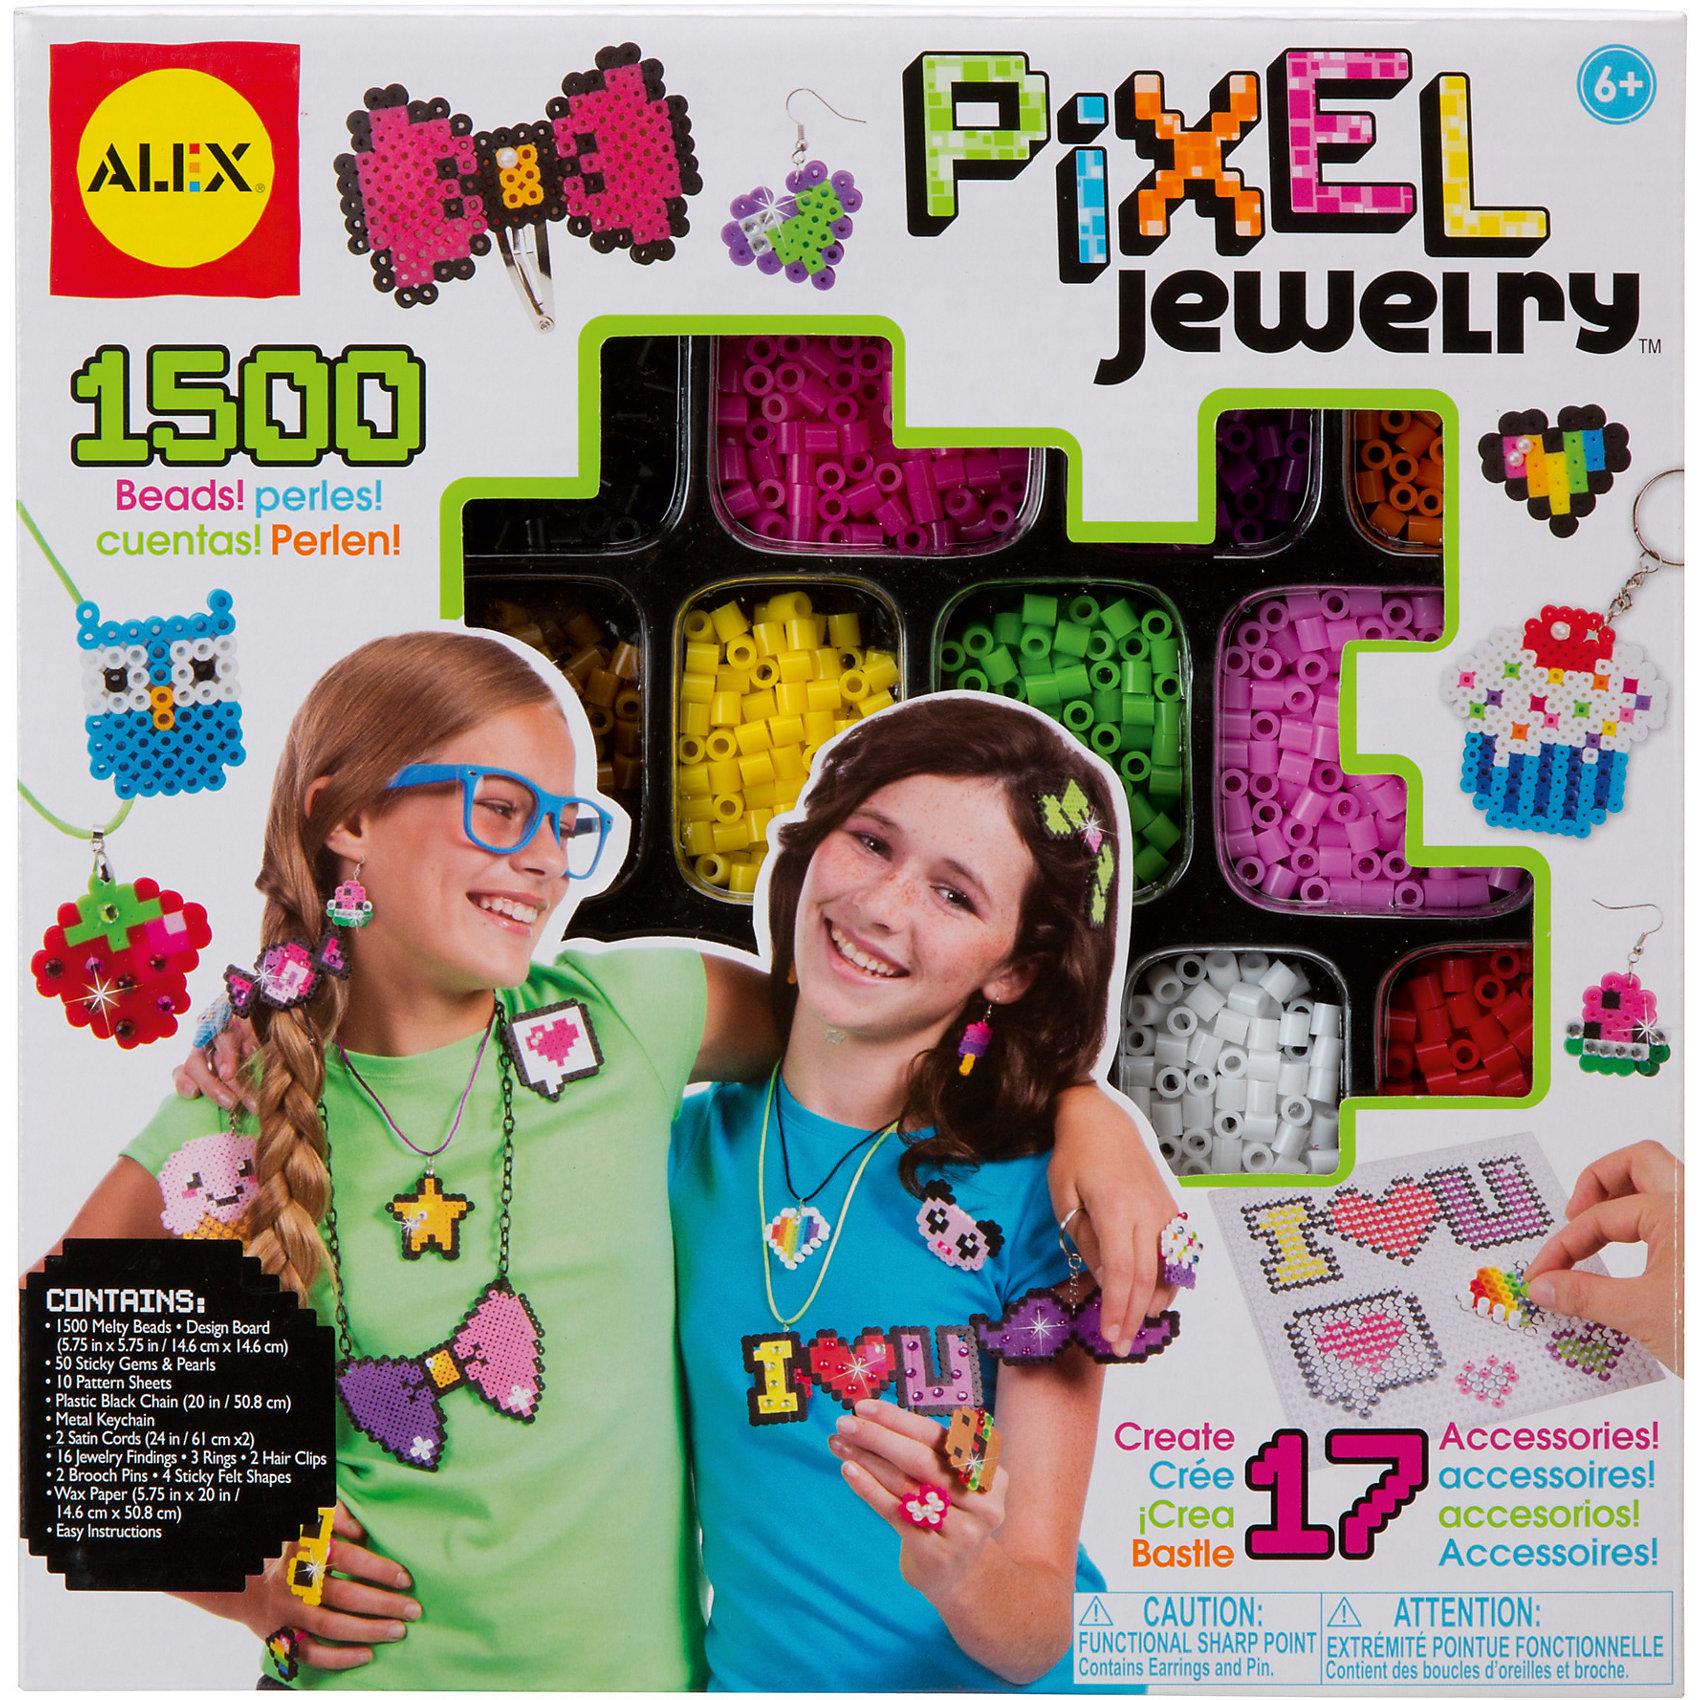 Набор для создания браслетов Пиксели, AlexНаборы для создания украшений<br>Восьмидесятые возвращаются! Создай 17 модных аксессуаров - сережки, подвески, кольца, брелоки, броши и заколки -  и  ультрамодном  пиксельном дизайне. В наборе 1500 термобусин 12 ярких цветов, подставка 14,6 х 14,6 см, 50 страз на клейкой основе, 10 полноцветных листов со схемами дизайнов, черная пластиковая цепочка, металлический брелок для ключей, 2 атласных шнура, 16 соединительных элементов, 3 колечка, 2 заколки, 4 флисовые фигурки, 2 булавки для брошей, вощеная бумага и инструкции.<br><br>Ширина мм: 227<br>Глубина мм: 51<br>Высота мм: 229<br>Вес г: 461<br>Возраст от месяцев: 72<br>Возраст до месяцев: 120<br>Пол: Женский<br>Возраст: Детский<br>SKU: 4556956